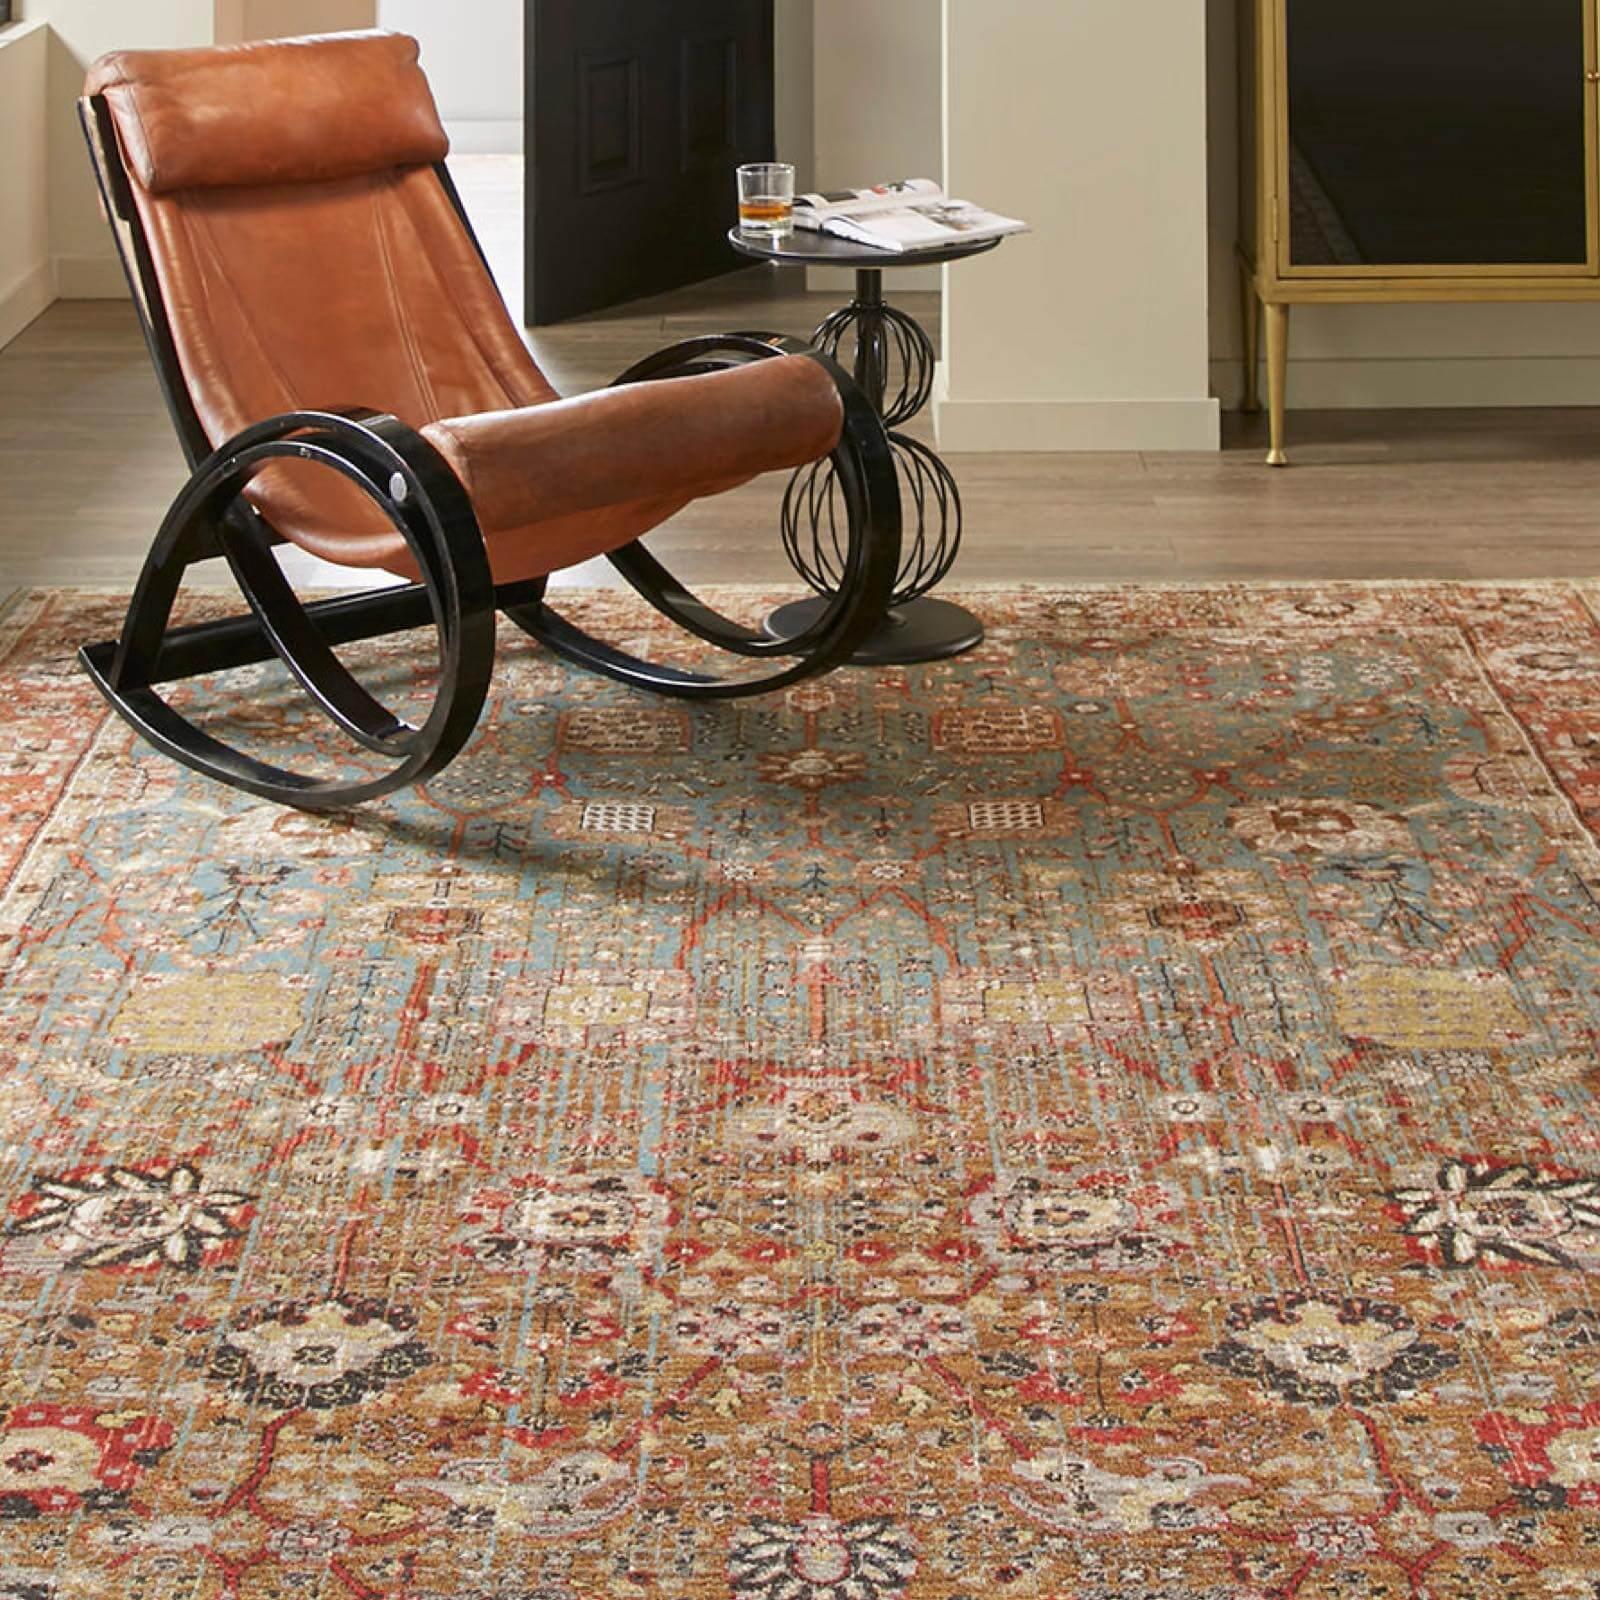 Armchair on area rug | Westport Flooring